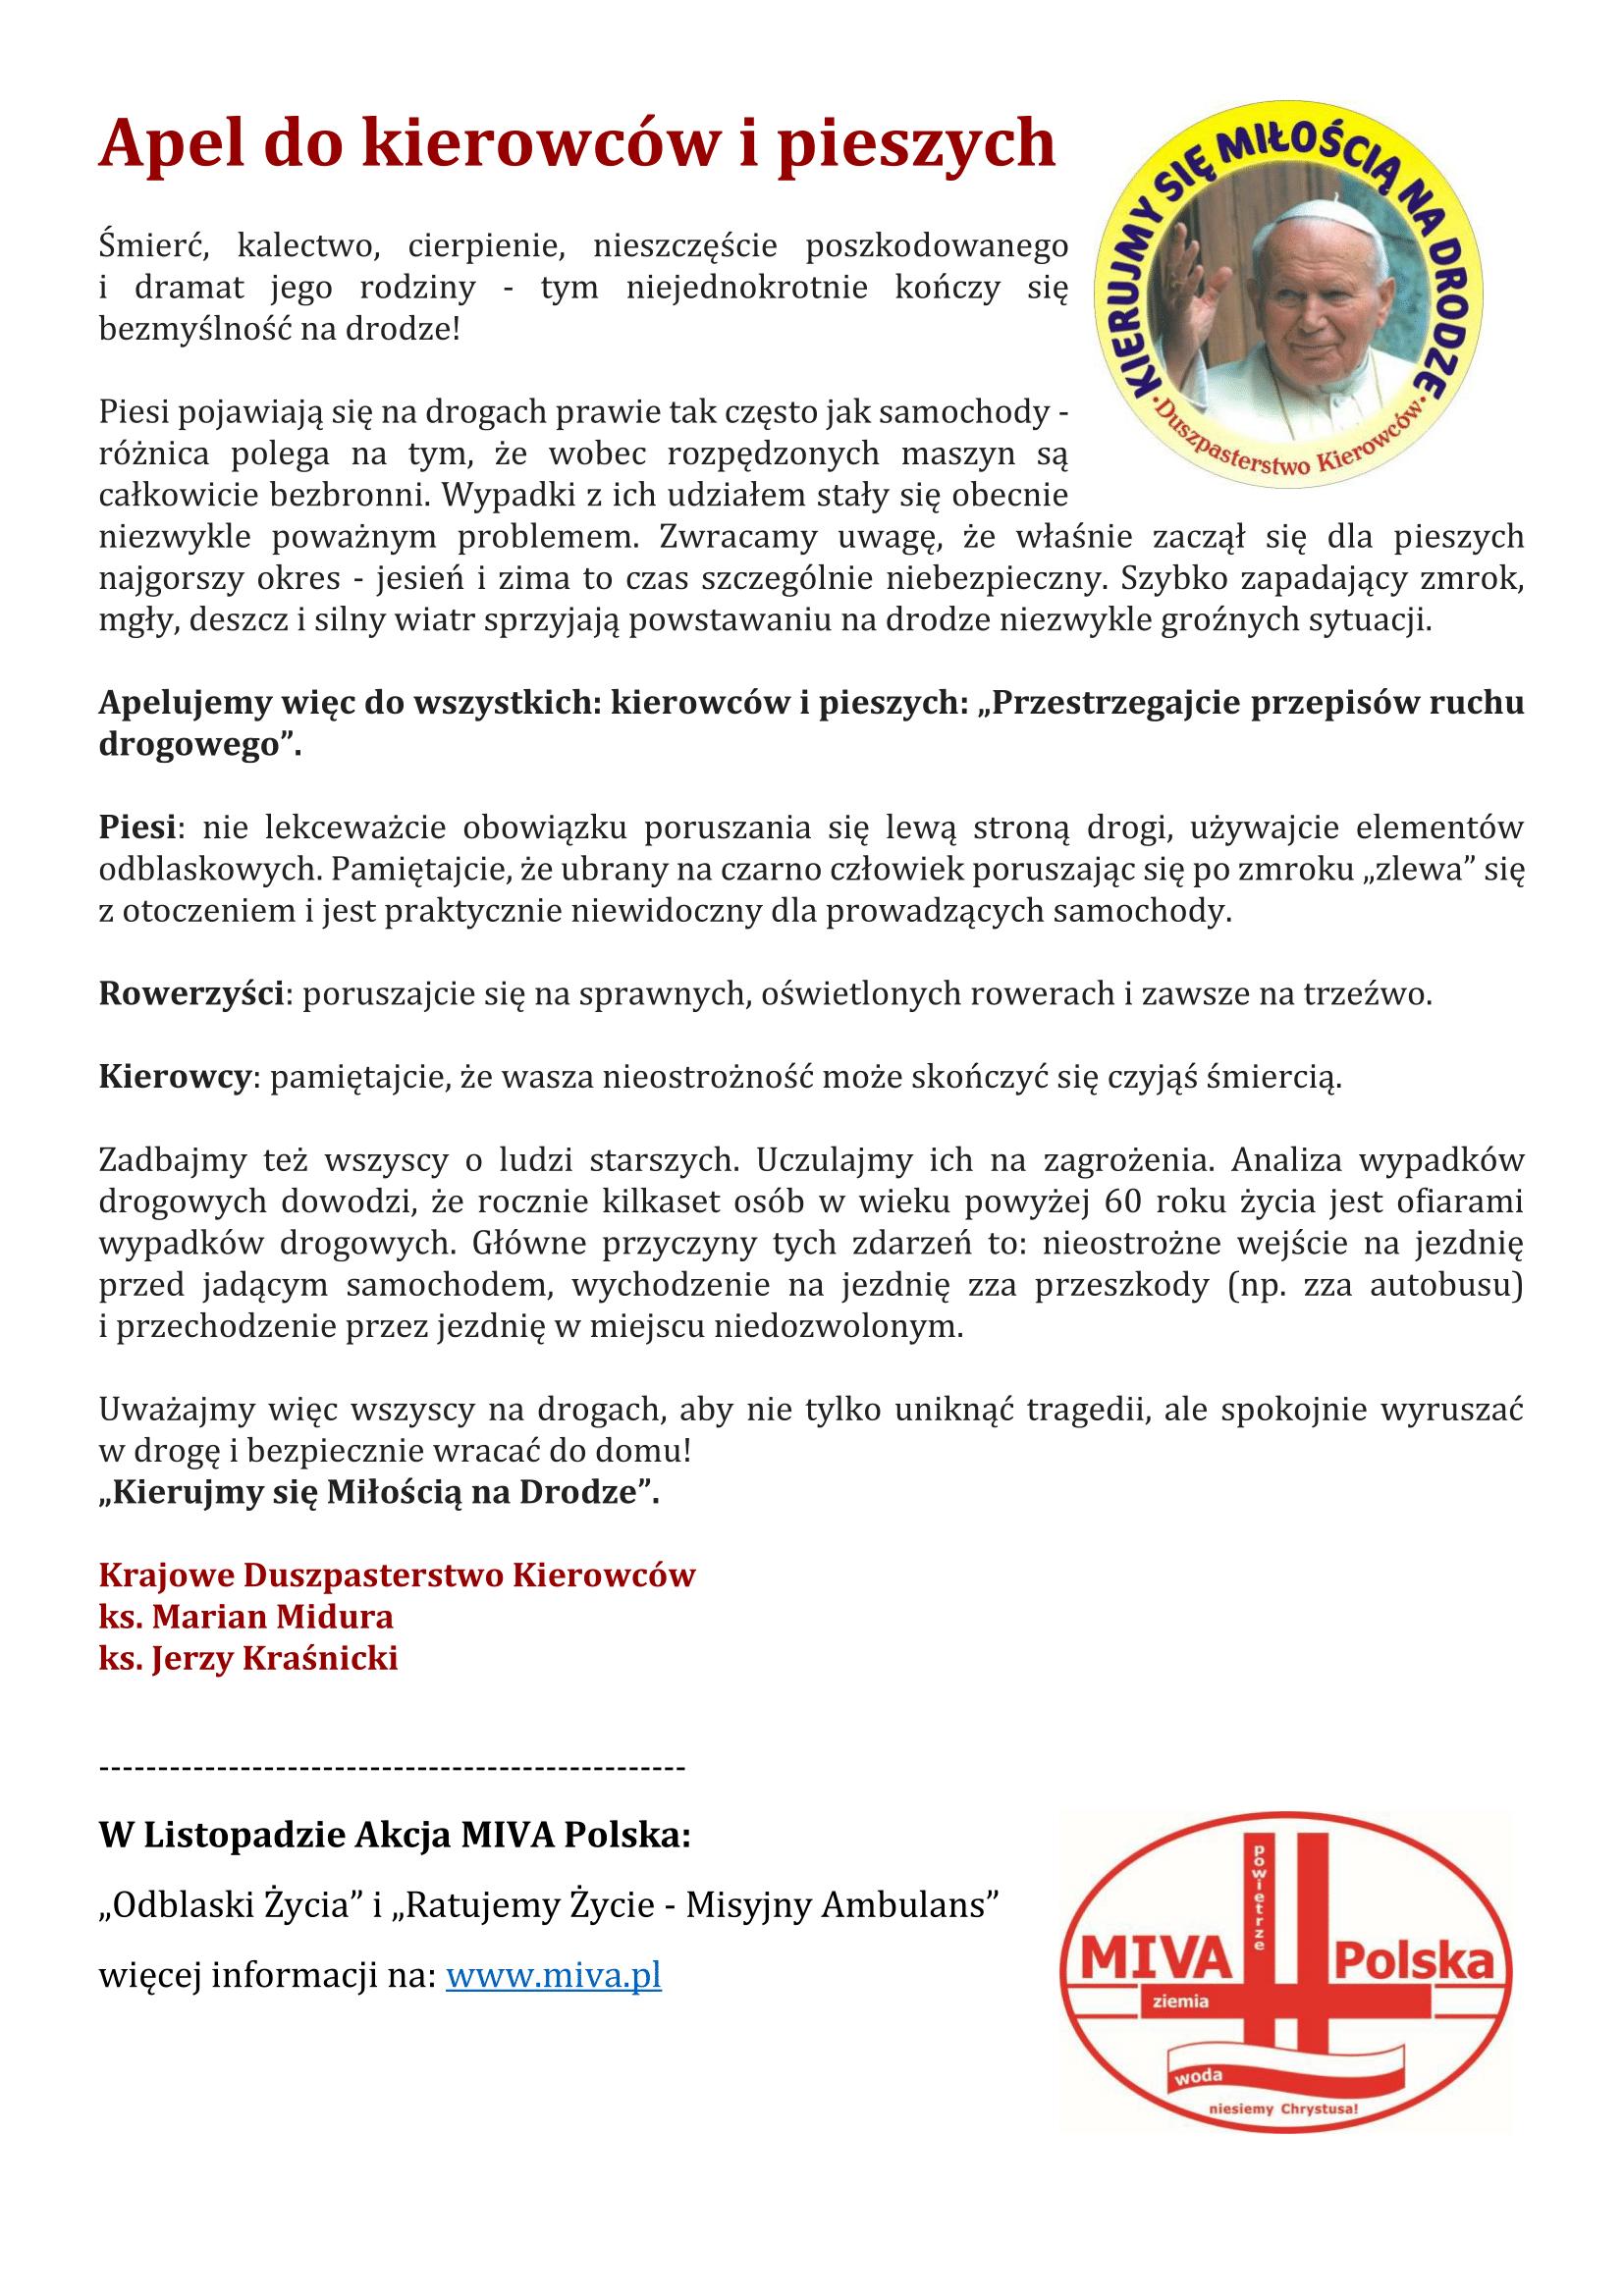 Apel do kierowców ipieszych